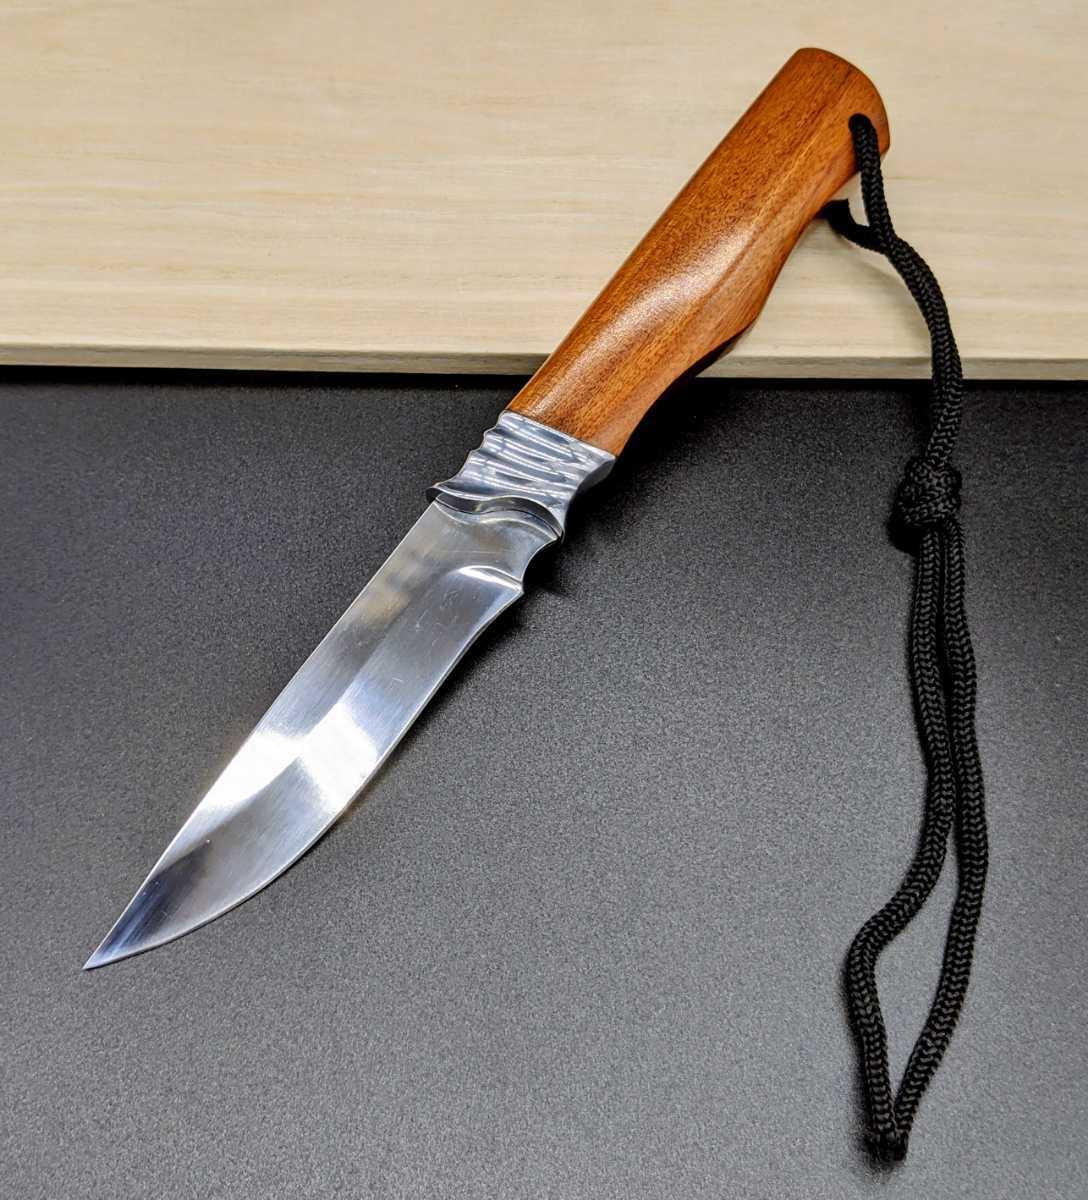 軽い鏡面仕上げ ノーブランド ウッドハンドル サバイバルナイフ シースナイフ アウトドア用小型ナイフ サバイバル